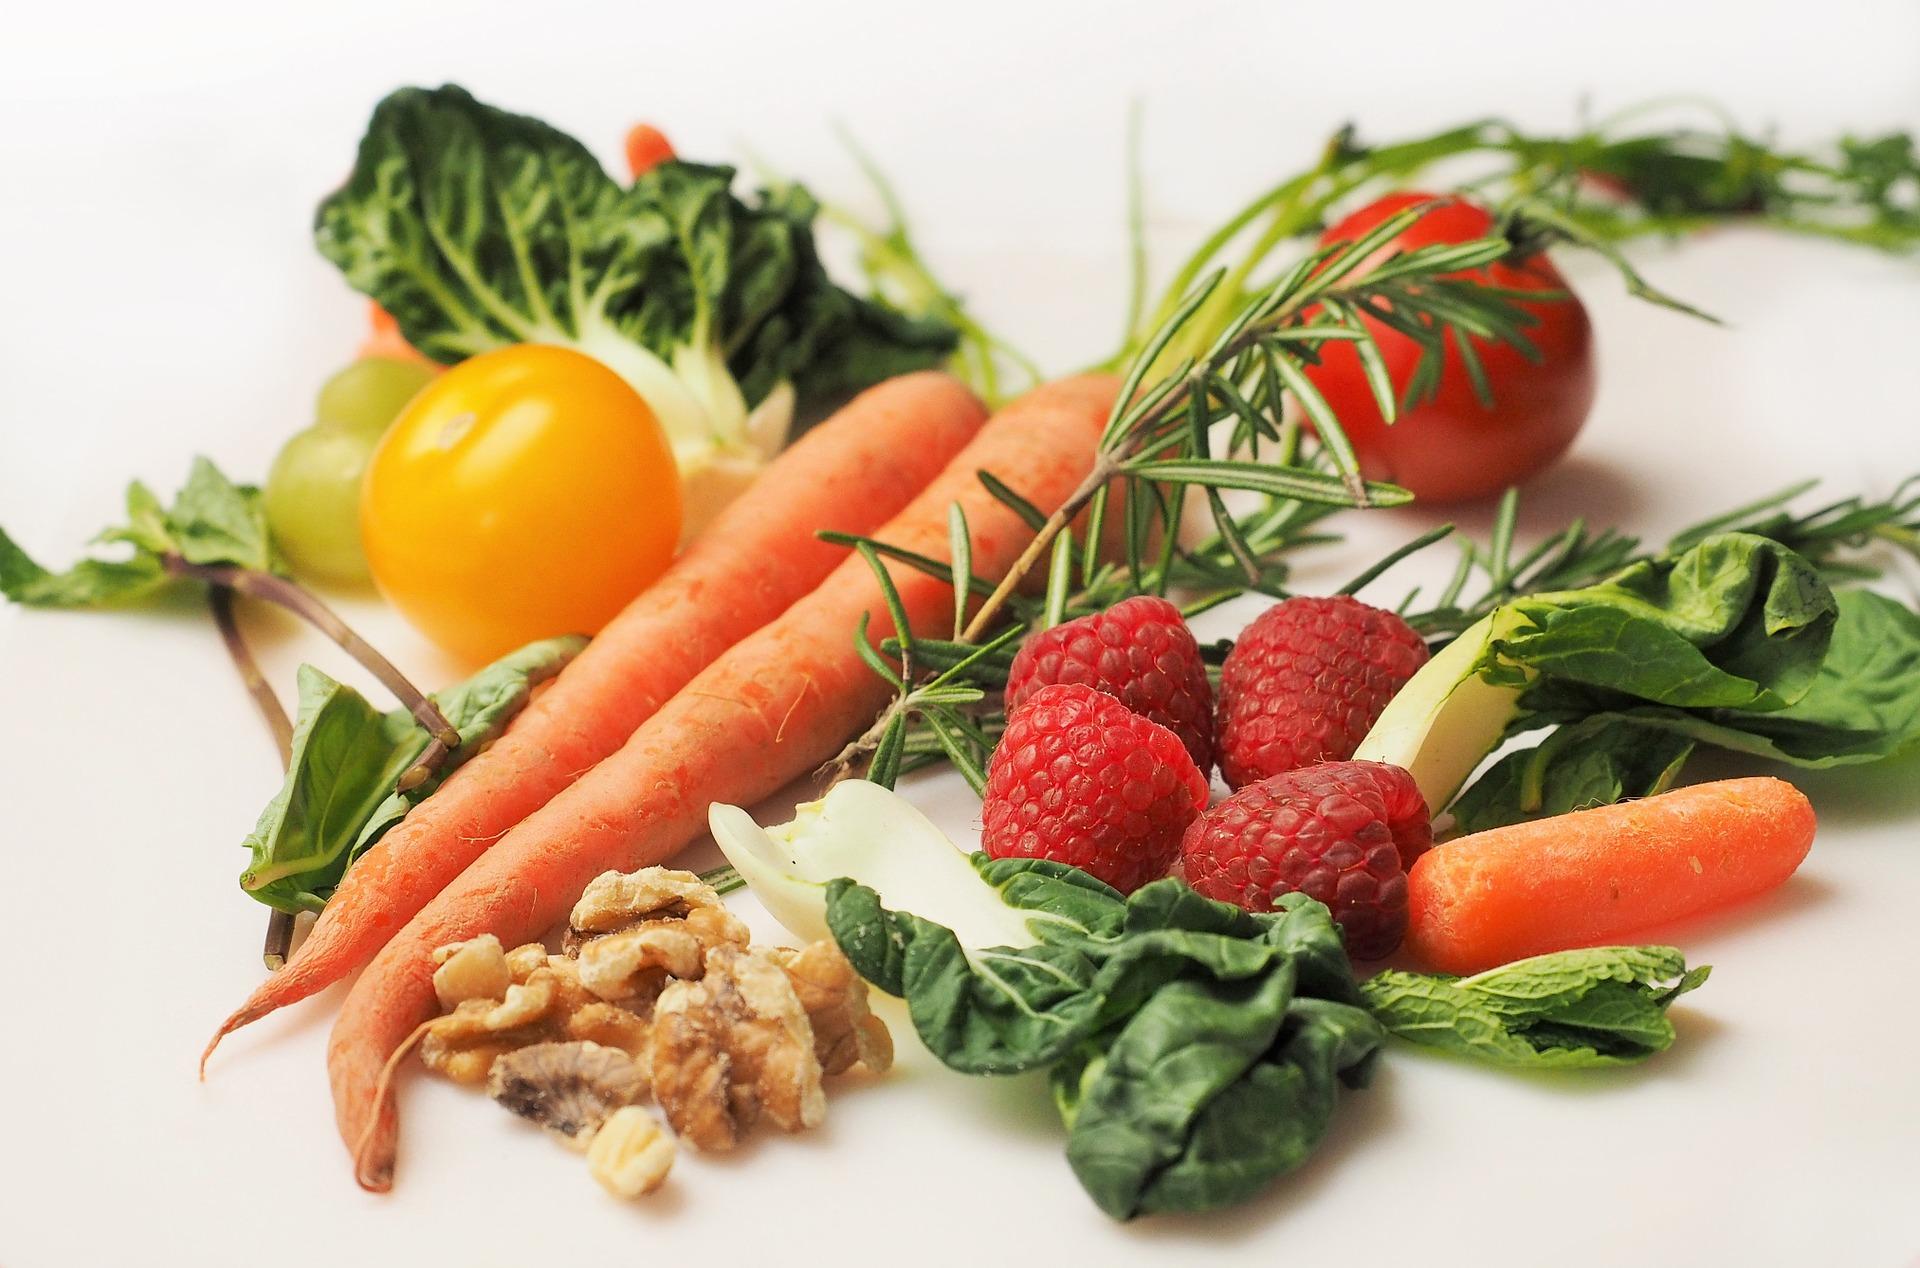 alimento natural aleitamento materno